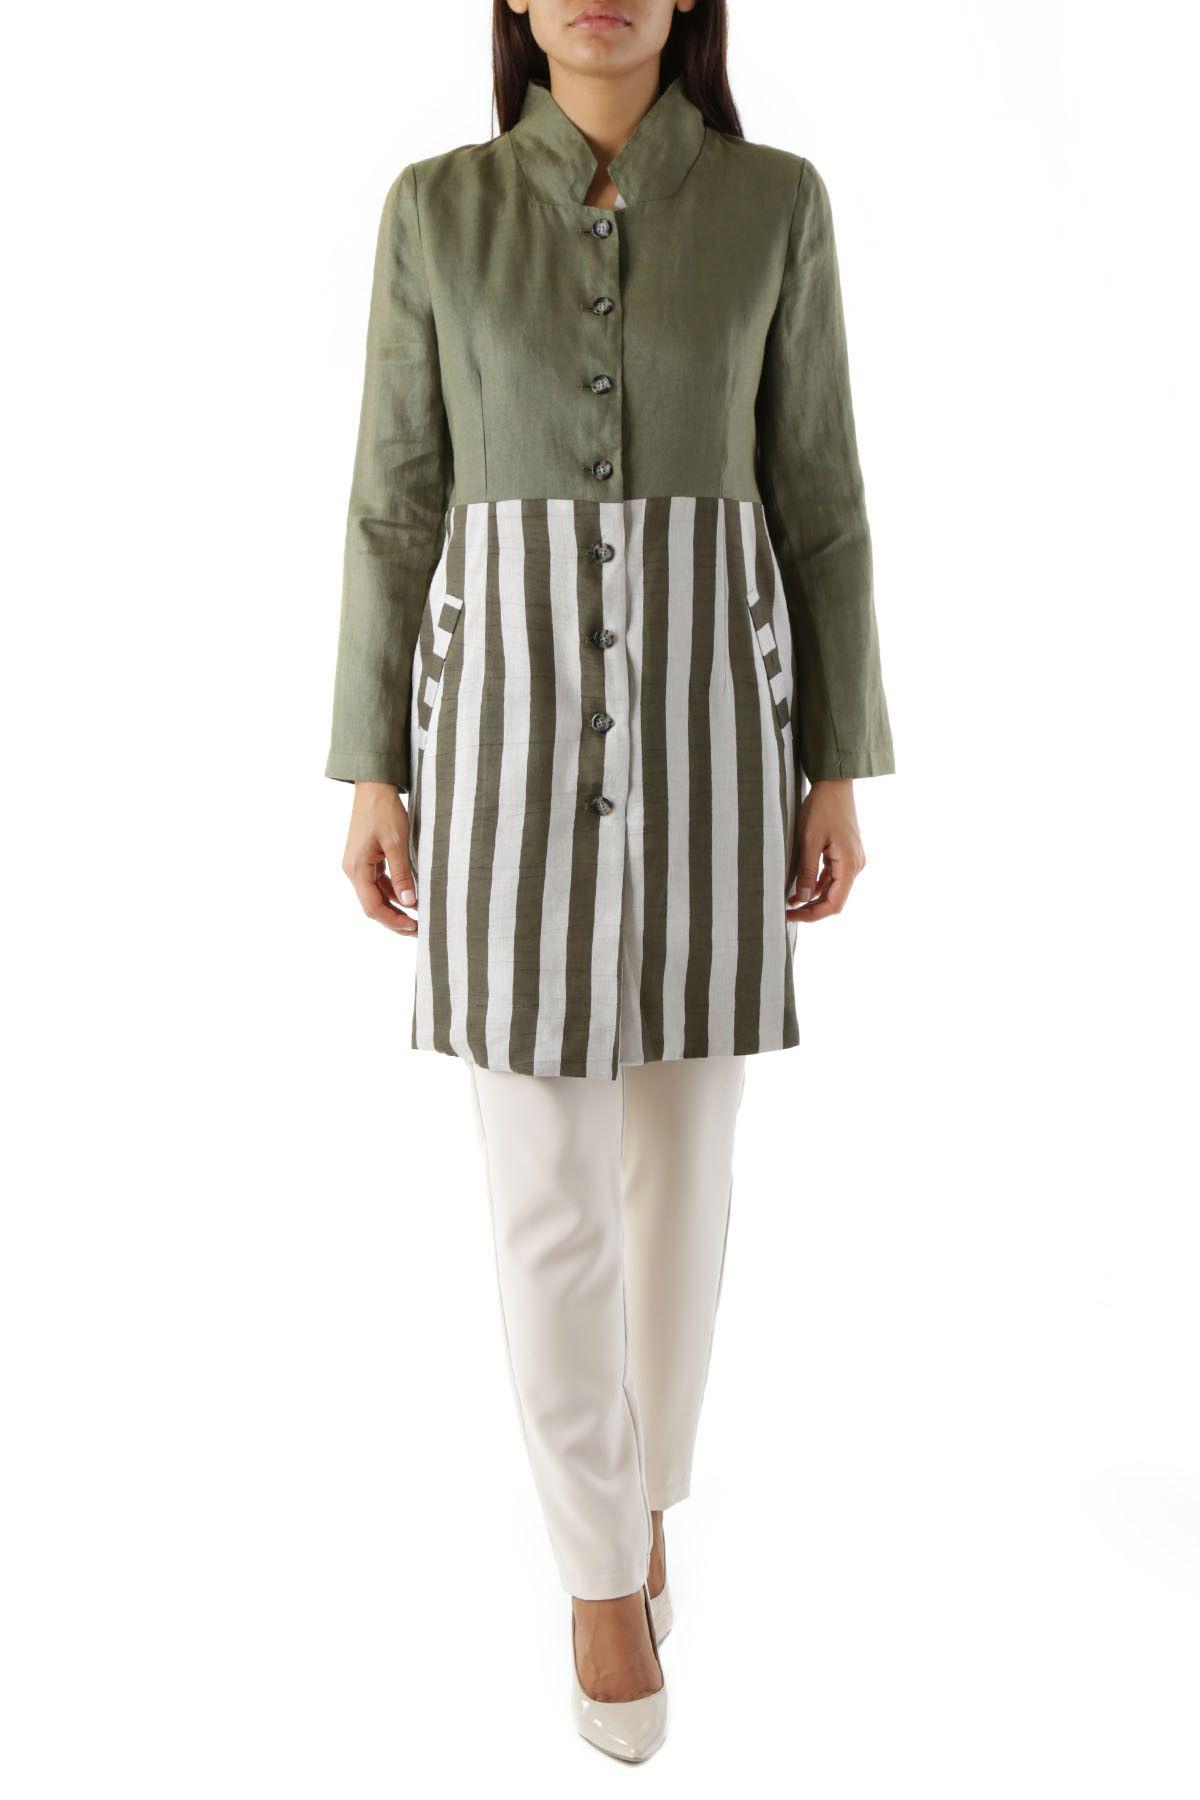 Olivia Hops Women's Blazer In Green